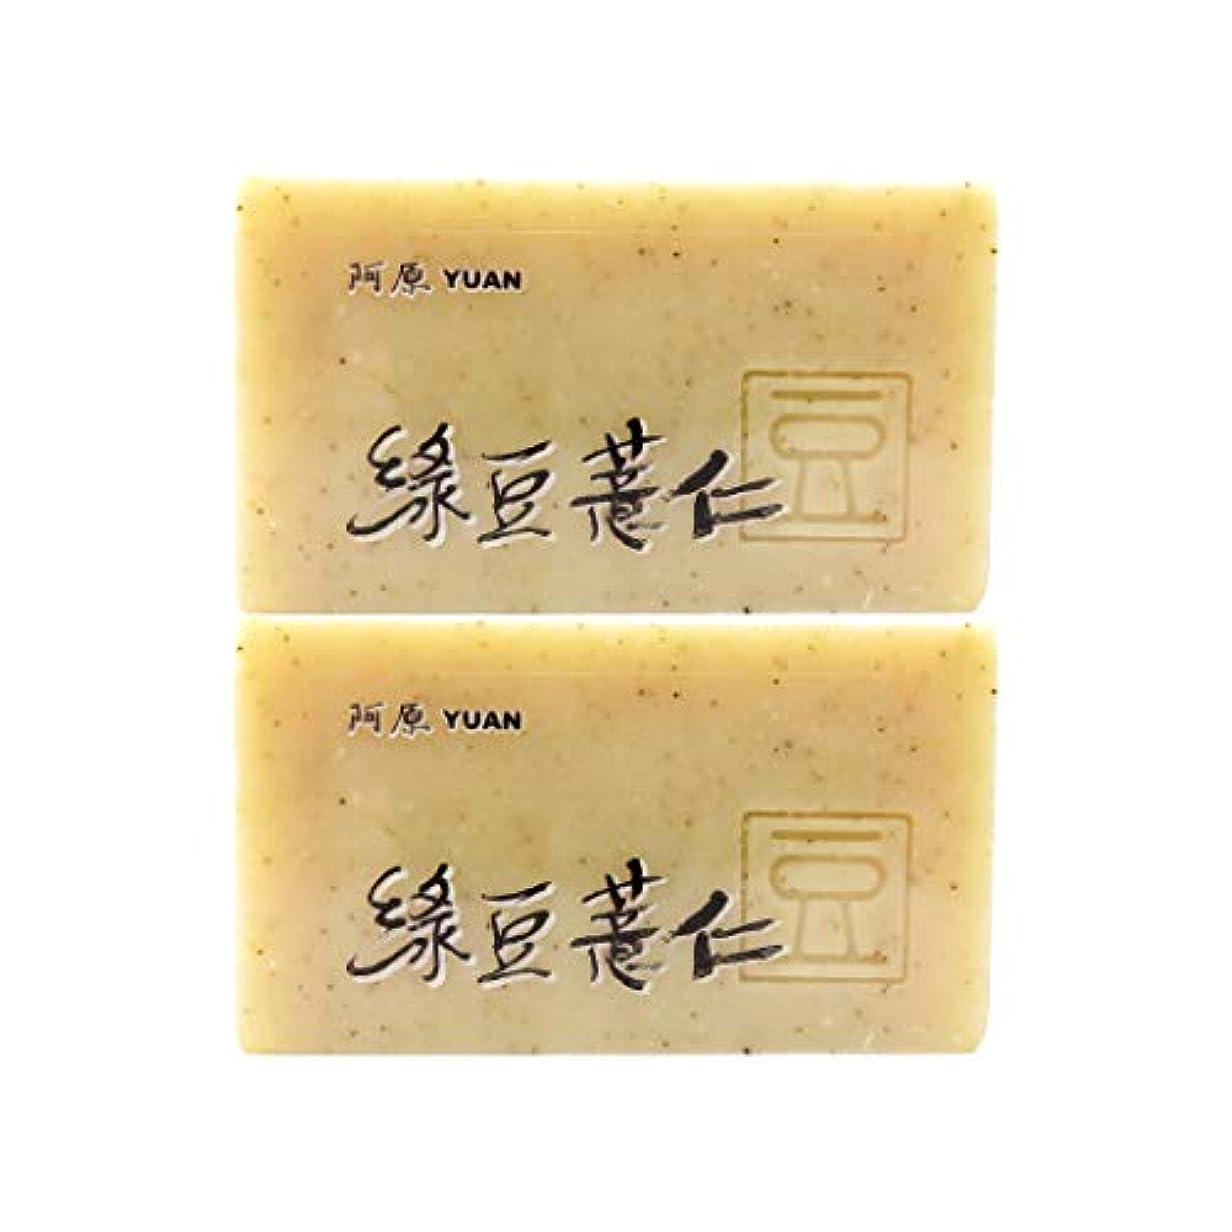 統計的ワイヤー雇用ユアン(YUAN) ハトムギ+リョクトウソープ 100g (2個セット)